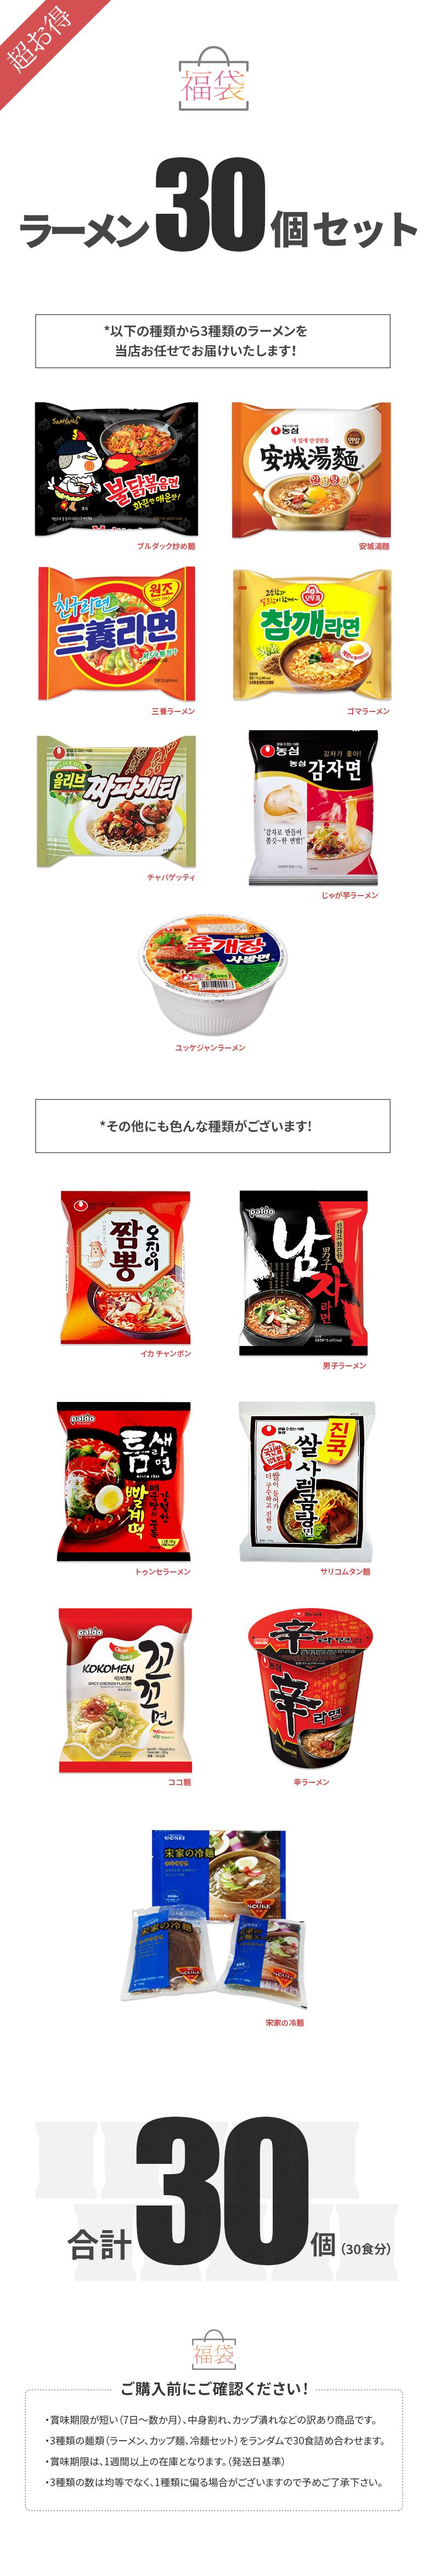 韓国ラーメン福袋